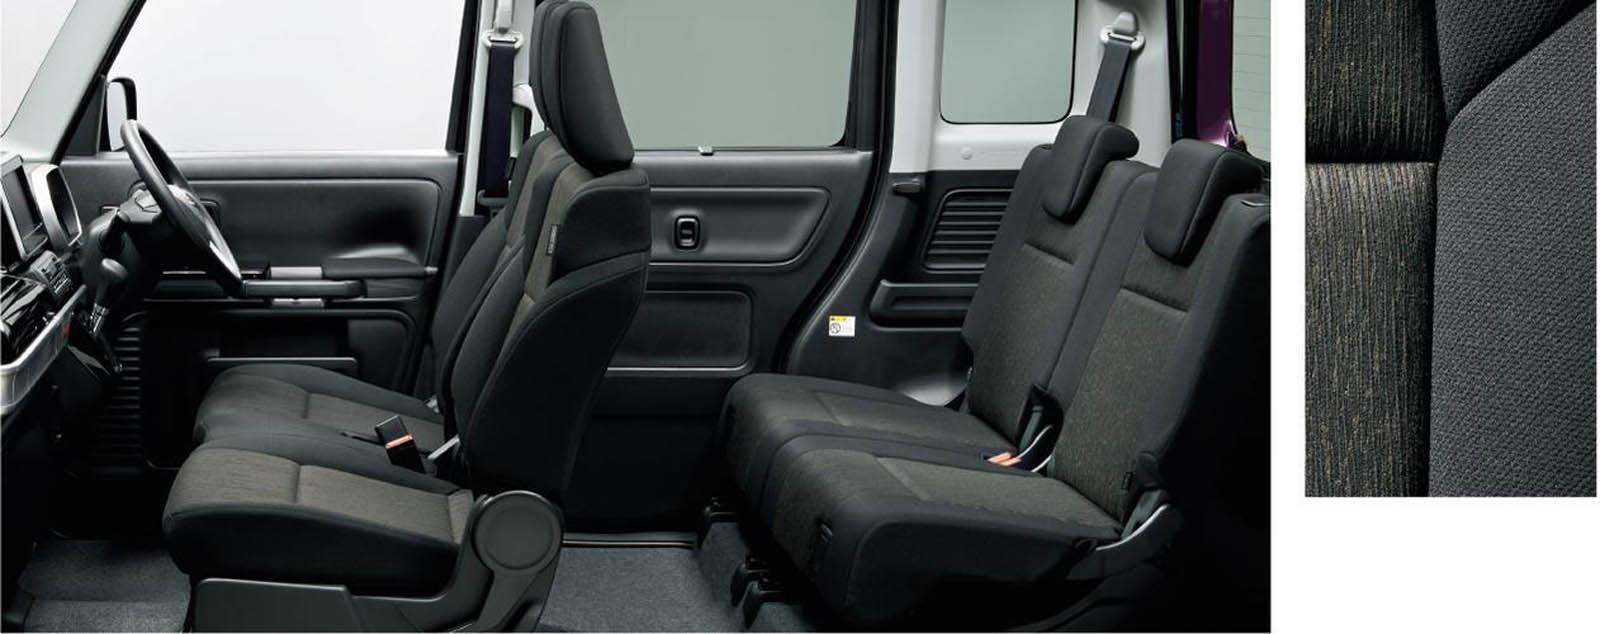 Suzuki Spacia 2018 (45)